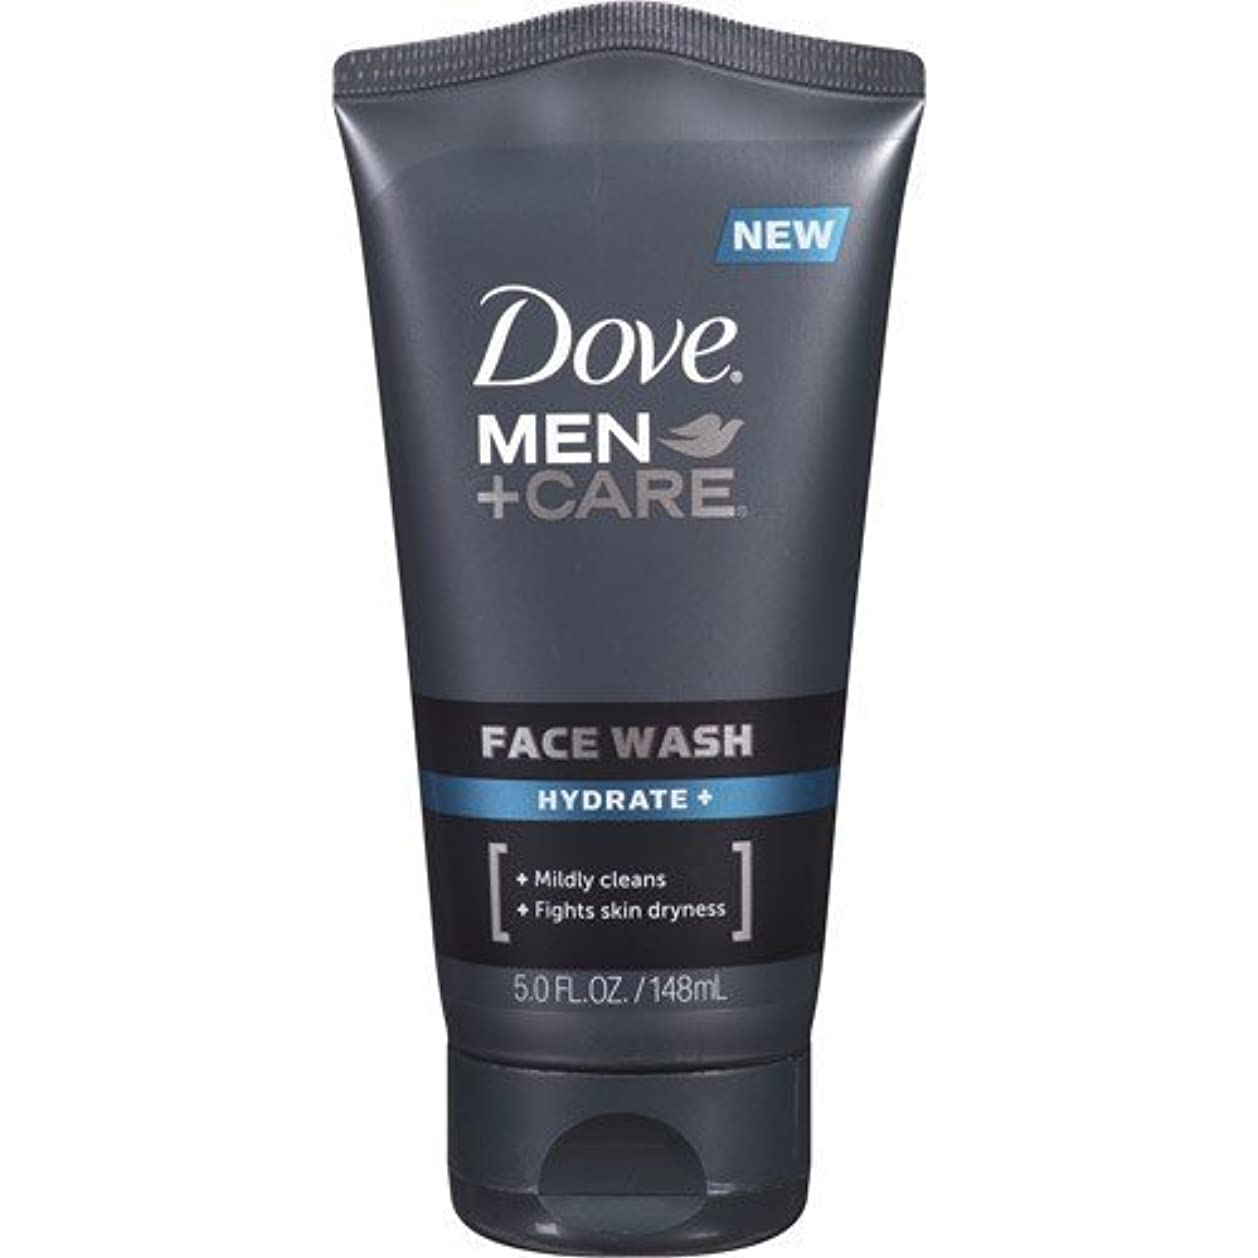 分泌する所有者干渉Dove Men + Care Face Wash, Hydrate, 5 Oz by Dove